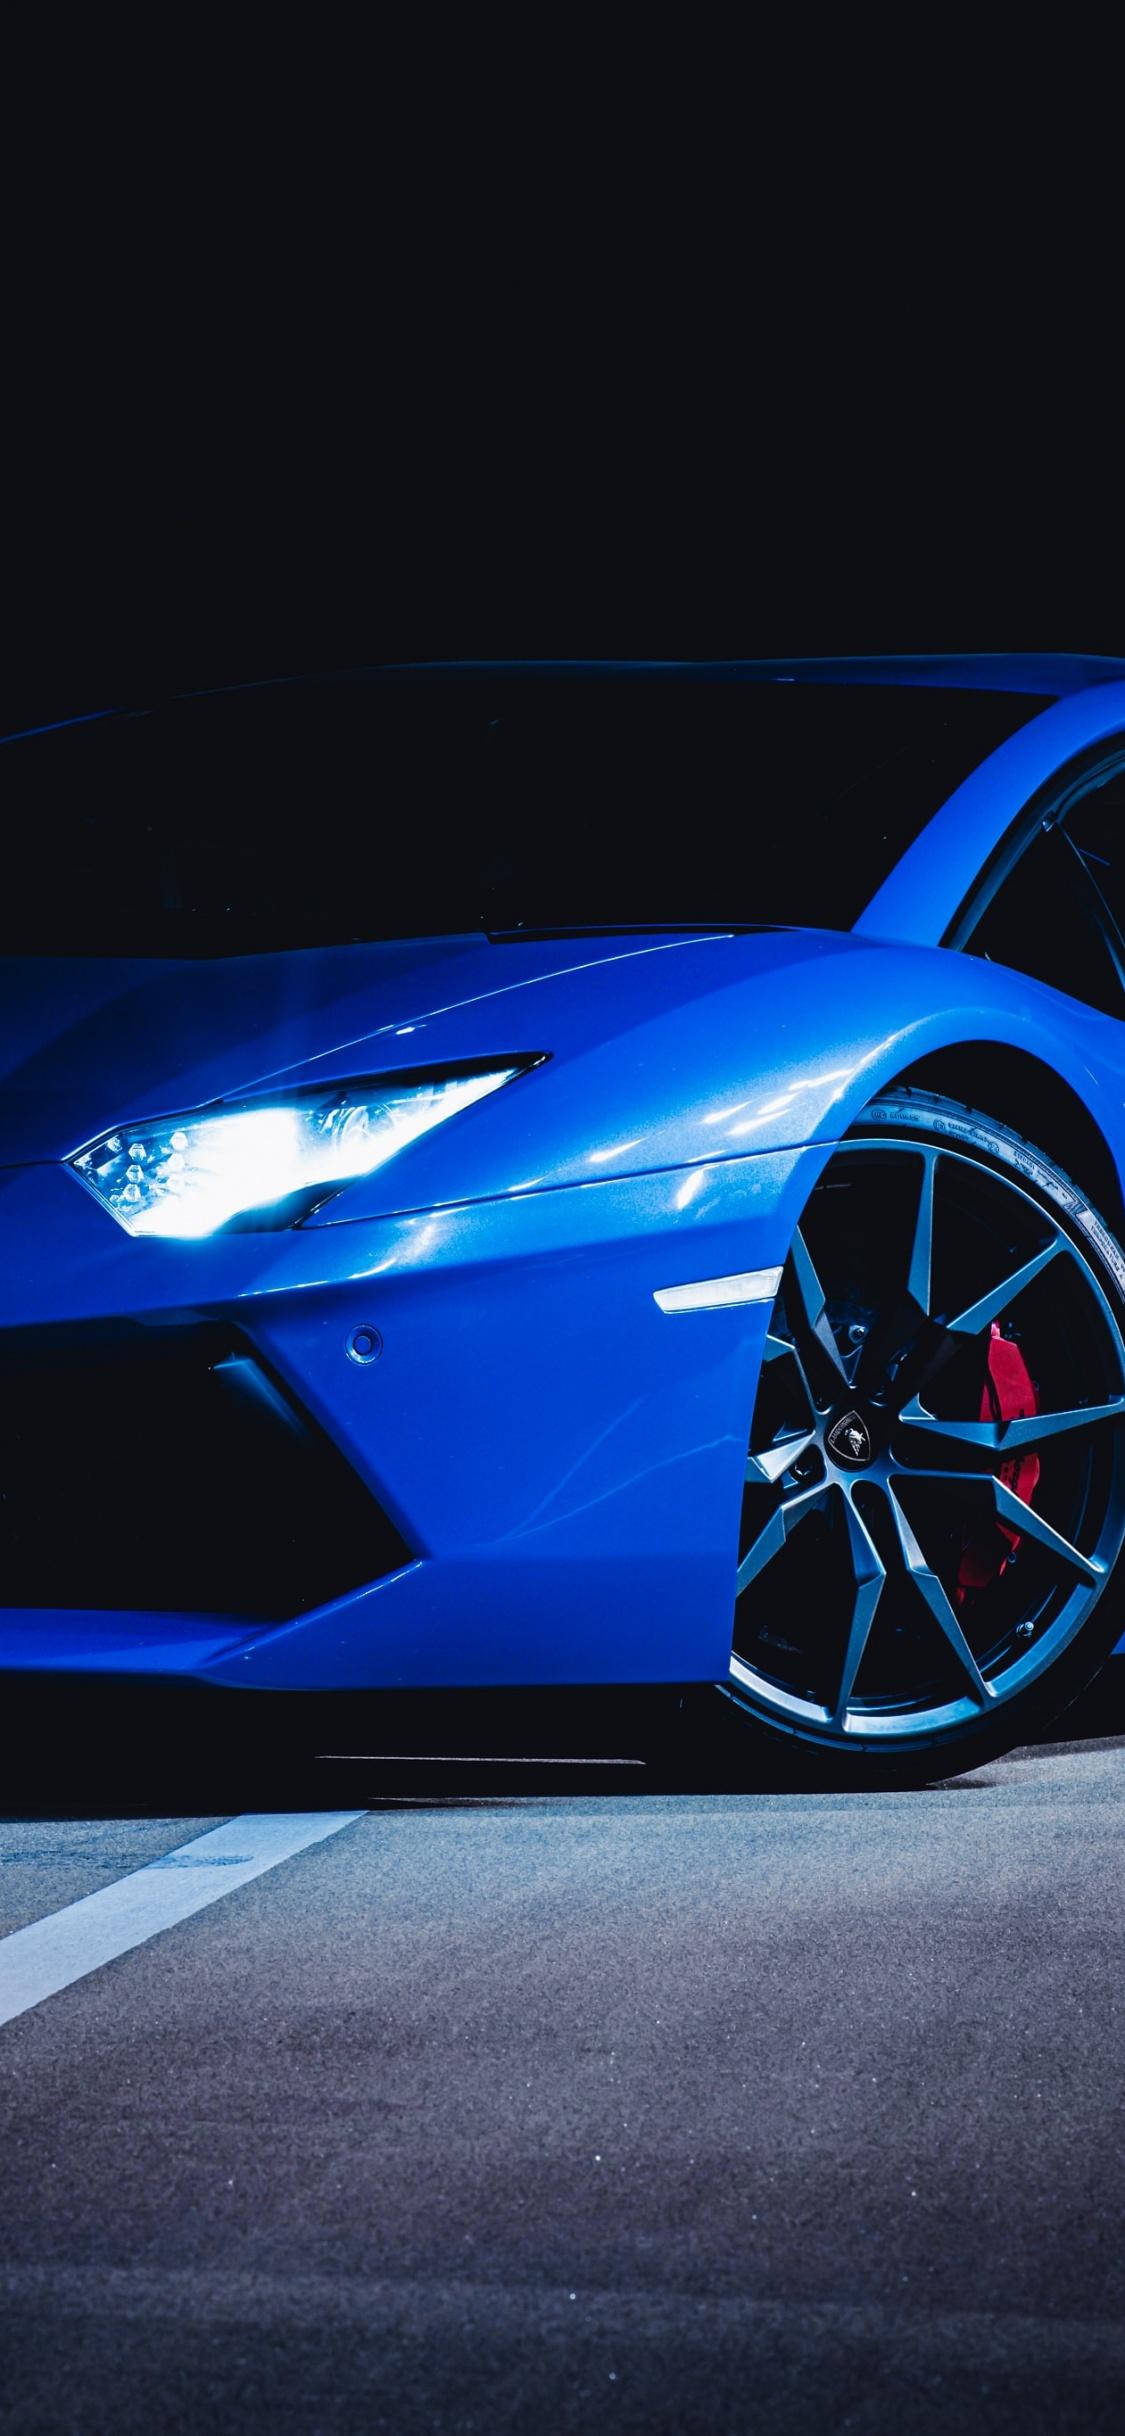 Lamborghini Huracan 4K Wallpaper, Blue, Dark, Cars, #1409